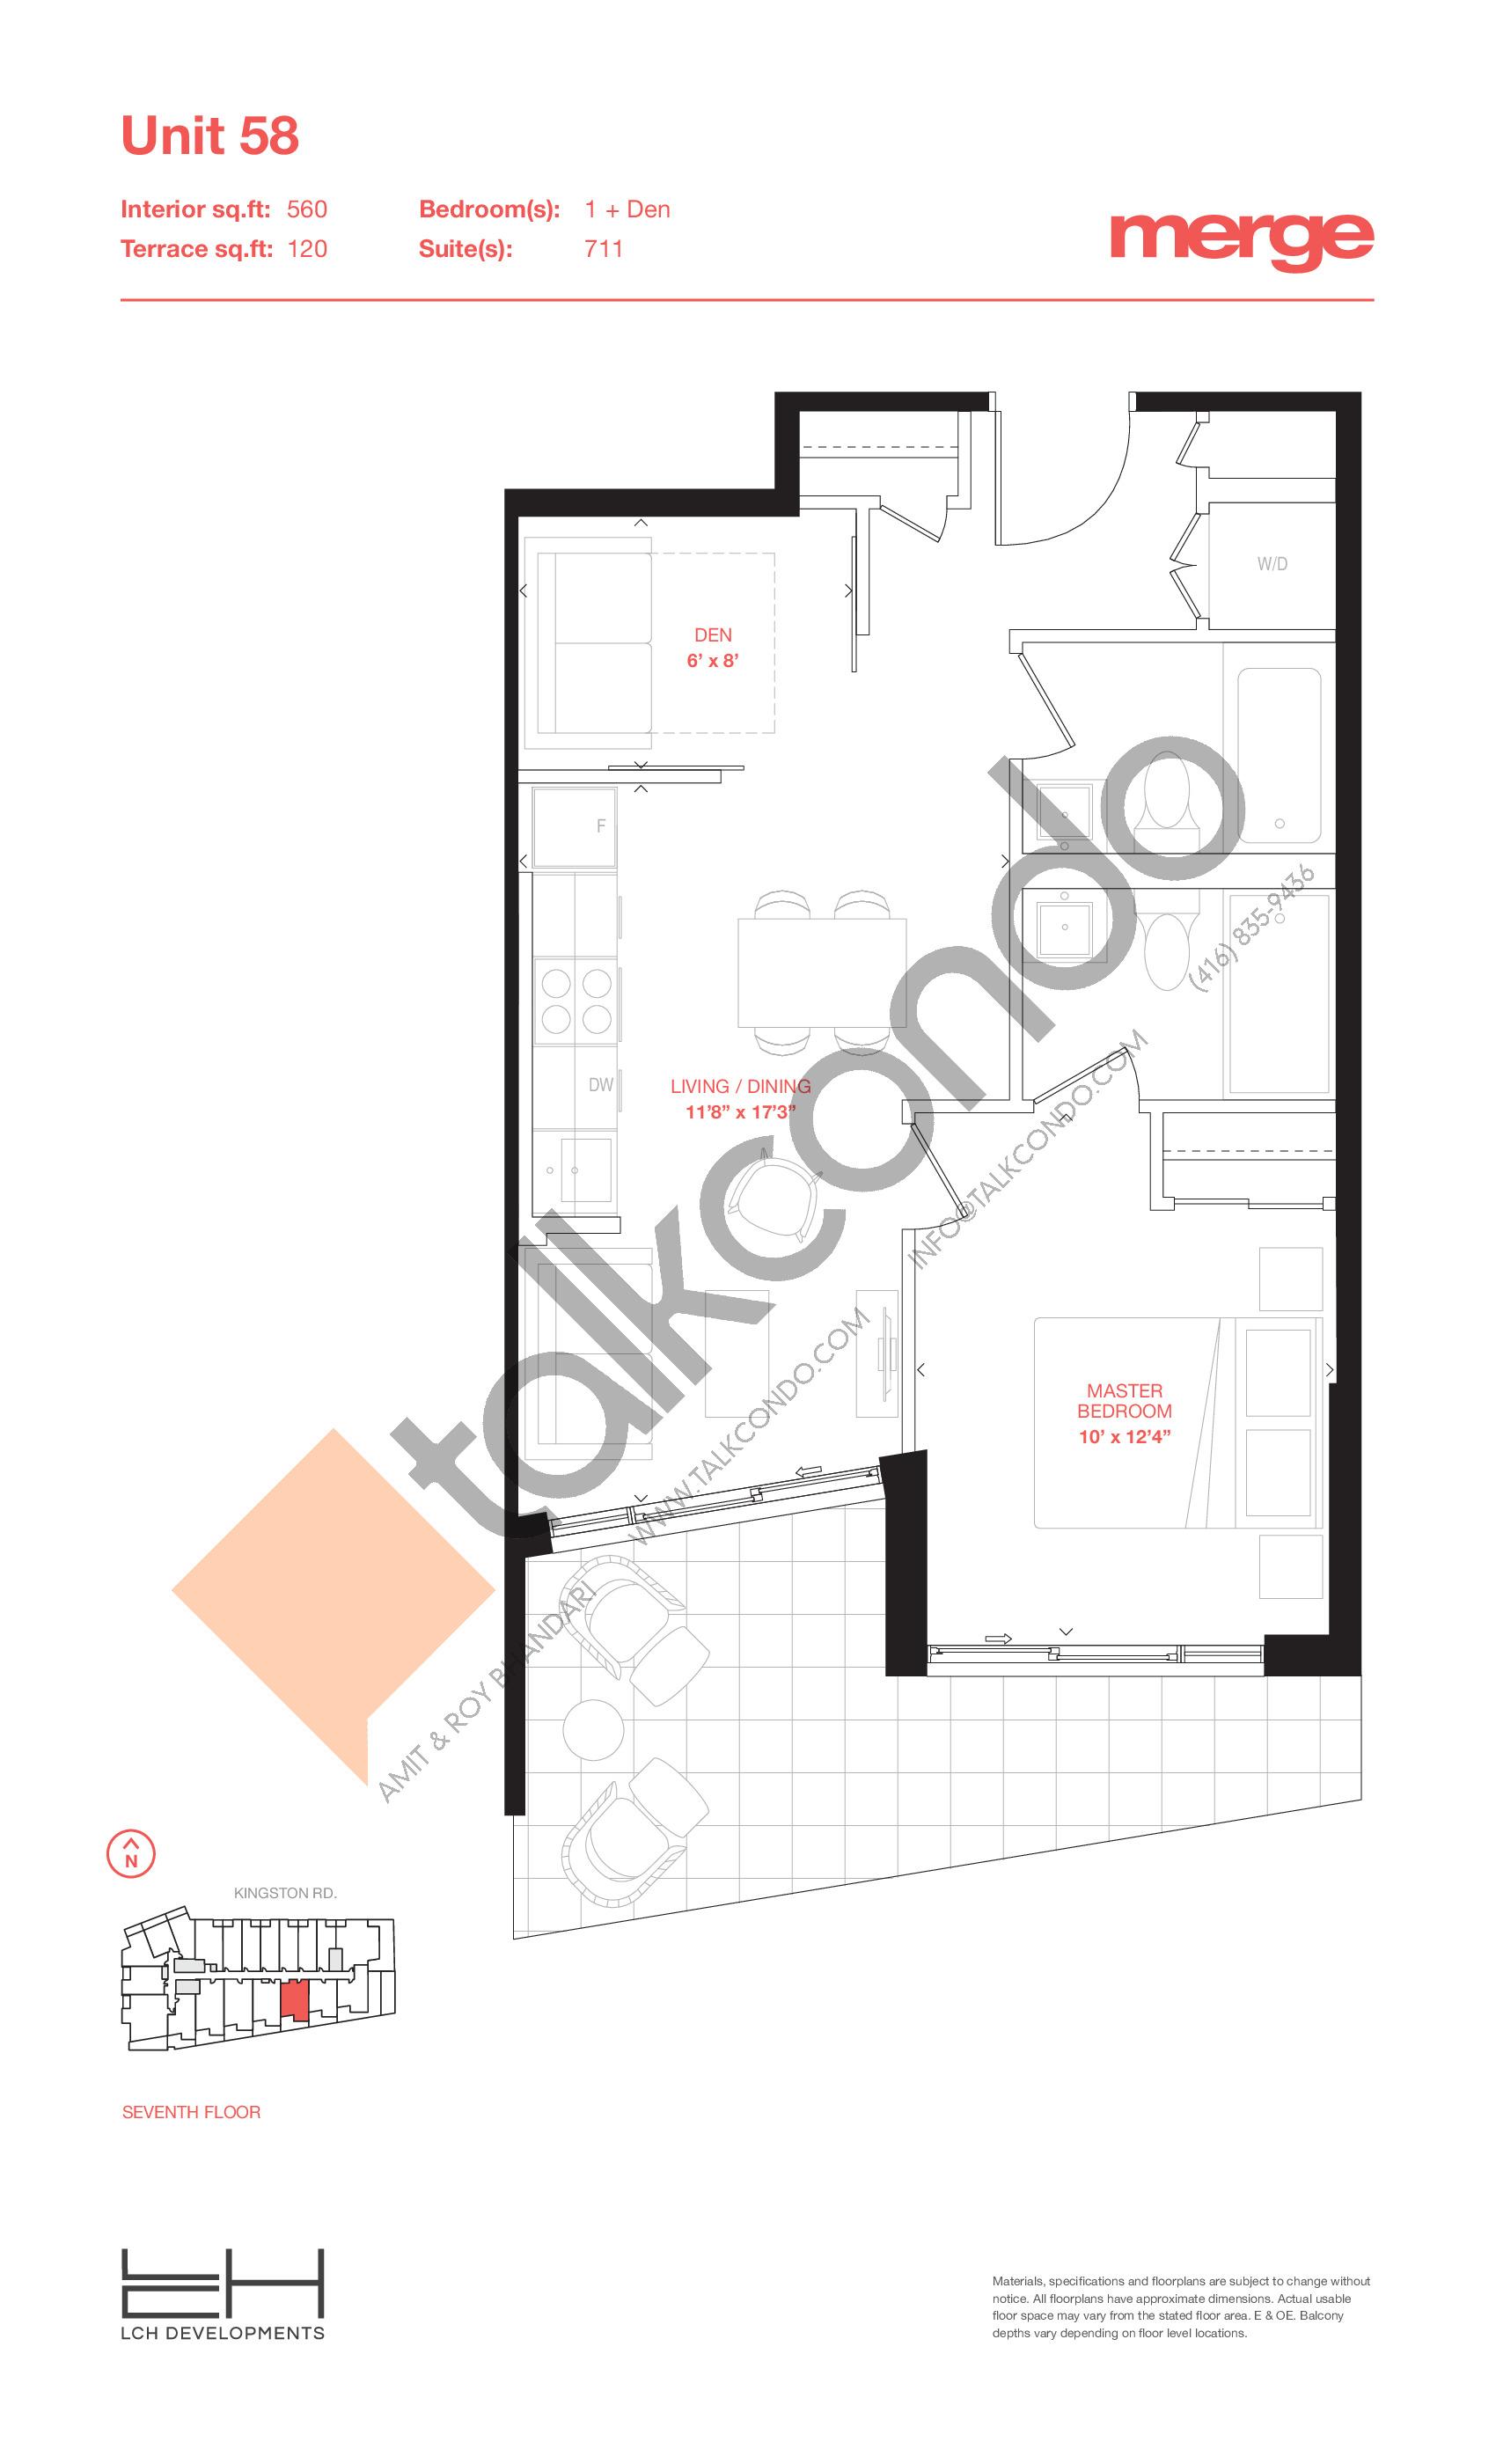 Unit 58 - Terraces Floor Plan at Merge Condos - 560 sq.ft